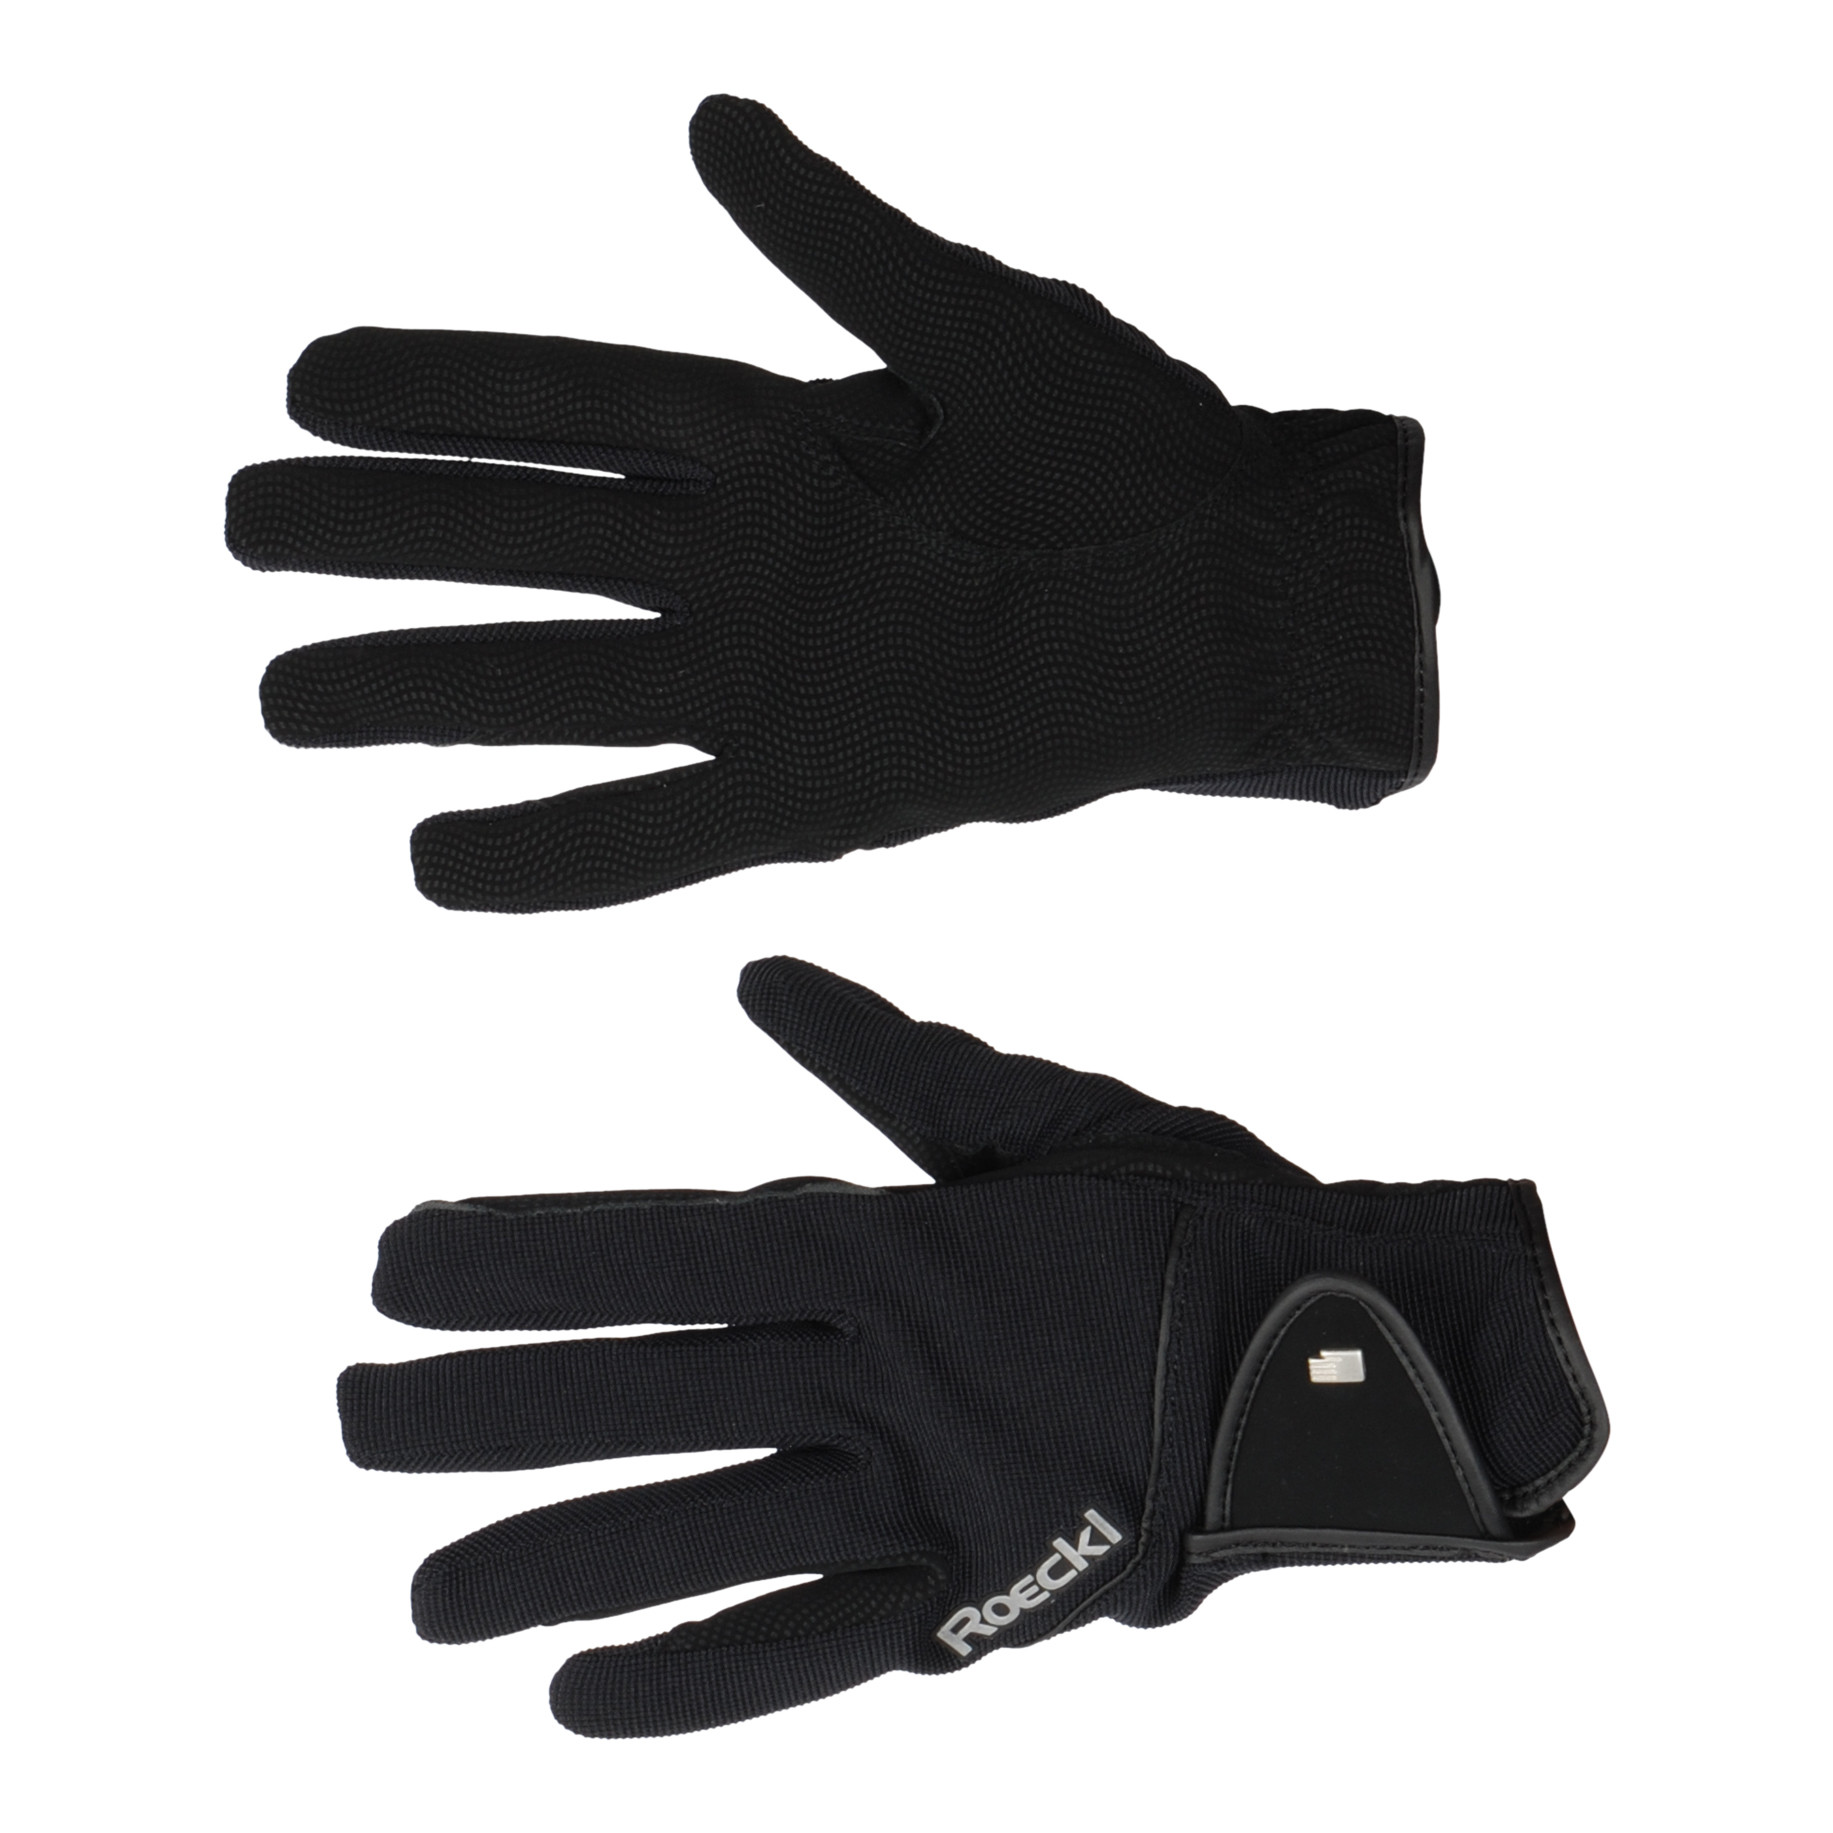 Roeckl Milano handschoenen zwart maat:7,5